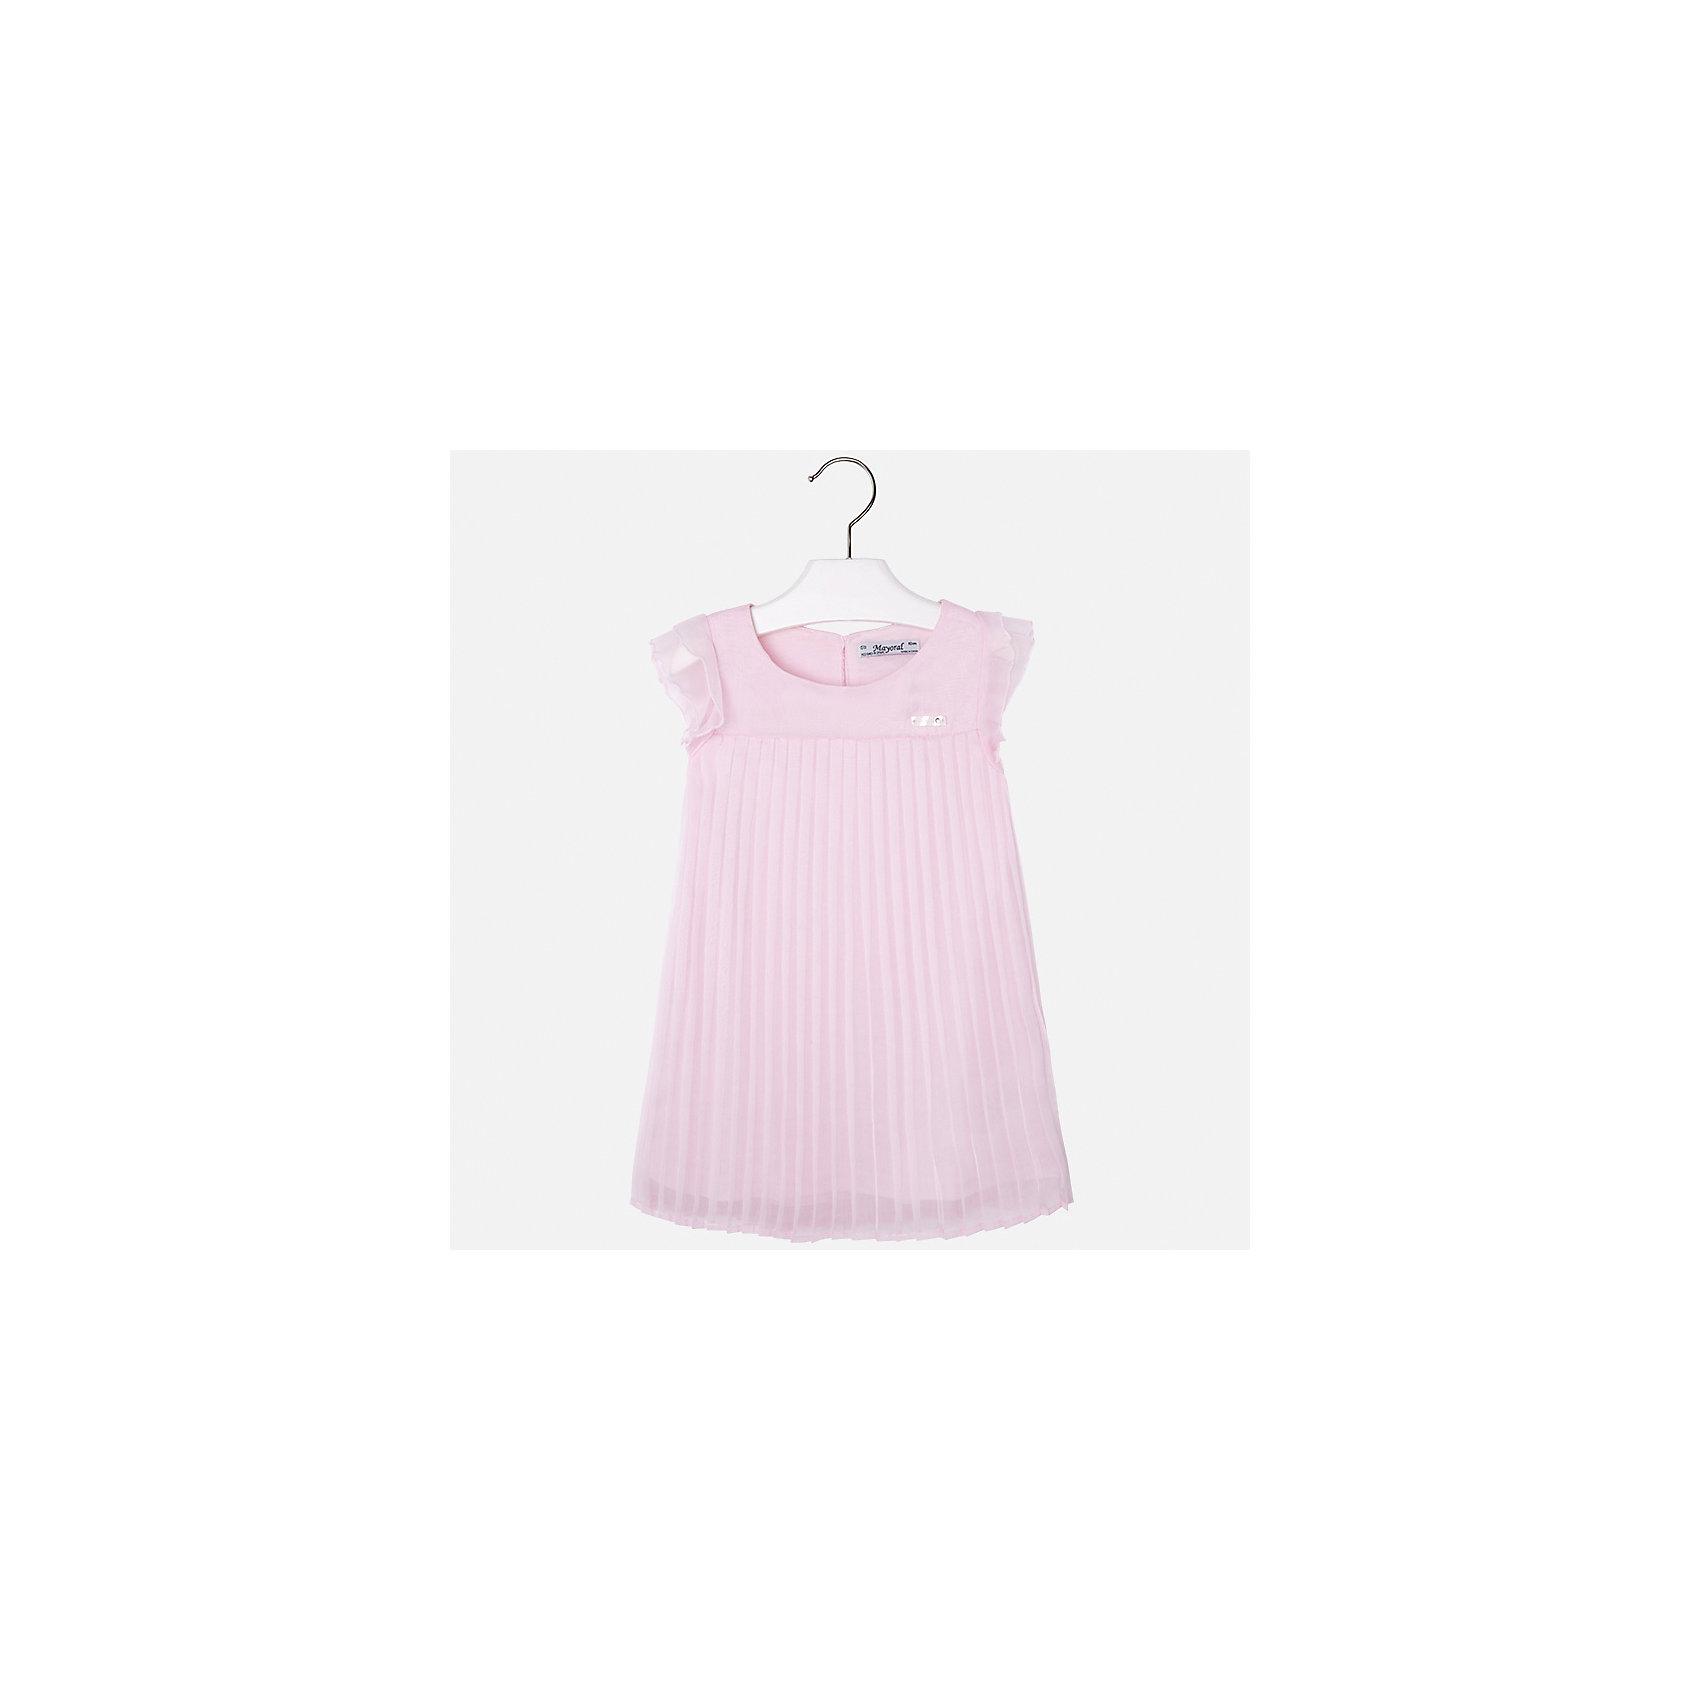 Платье для девочки MayoralОдежда<br>Характеристики товара:<br><br>• цвет: розовый<br>• состав: 100% полиэстер, подкладка - 65% полиэстер, 35% хлопок<br>• застежка: молния<br>• складки<br>• завышенная талия<br>• без рукавов<br>• с подкладкой<br>• страна бренда: Испания<br><br>Нарядное платье для девочки поможет разнообразить гардероб ребенка и создать эффектный наряд. Оно подойдет для торжественных случаев. Красивый оттенок позволяет подобрать к вещи обувь разных расцветок. В составе материала подкладки - натуральный хлопок, гипоаллергенный, приятный на ощупь, дышащий. Платье хорошо сидит по фигуре.<br><br>Одежда, обувь и аксессуары от испанского бренда Mayoral полюбились детям и взрослым по всему миру. Модели этой марки - стильные и удобные. Для их производства используются только безопасные, качественные материалы и фурнитура. Порадуйте ребенка модными и красивыми вещами от Mayoral! <br><br>Платье для девочки от испанского бренда Mayoral (Майорал) можно купить в нашем интернет-магазине.<br><br>Ширина мм: 236<br>Глубина мм: 16<br>Высота мм: 184<br>Вес г: 177<br>Цвет: фиолетовый<br>Возраст от месяцев: 24<br>Возраст до месяцев: 36<br>Пол: Женский<br>Возраст: Детский<br>Размер: 104,98,110,116,122,128,134,92<br>SKU: 5291050